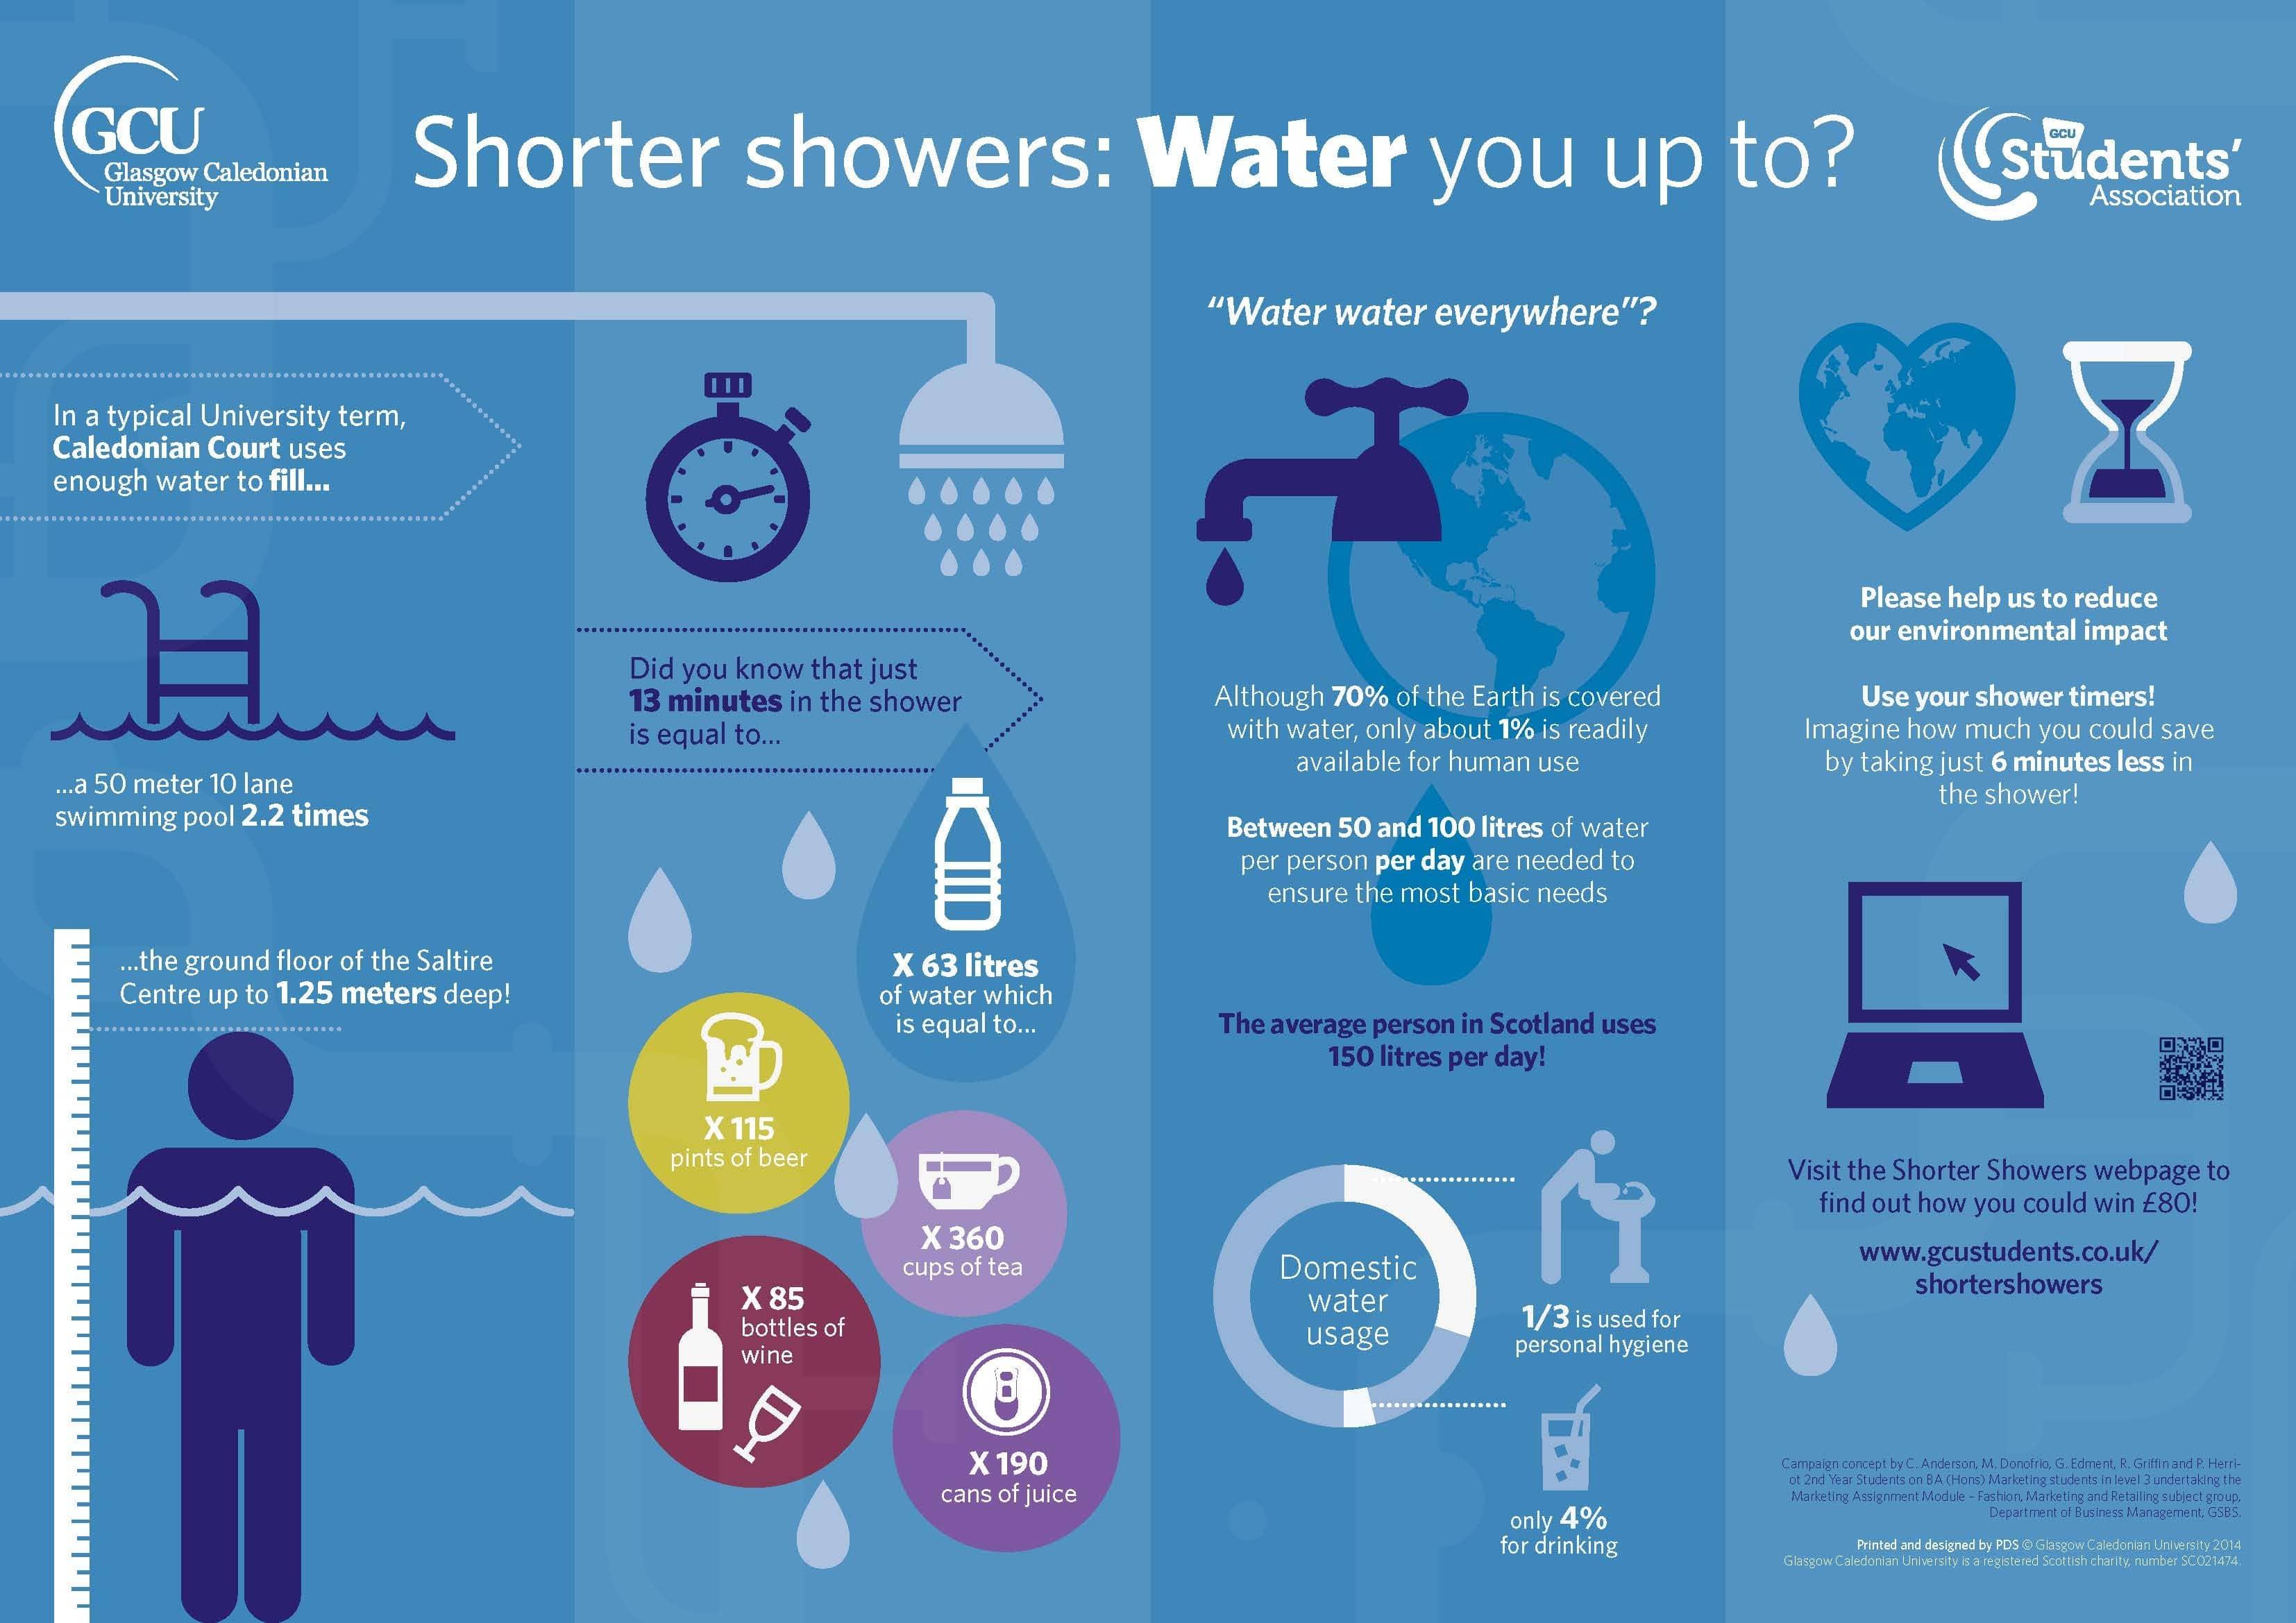 Shorter Showers Campaign @ GCU Students\' Association